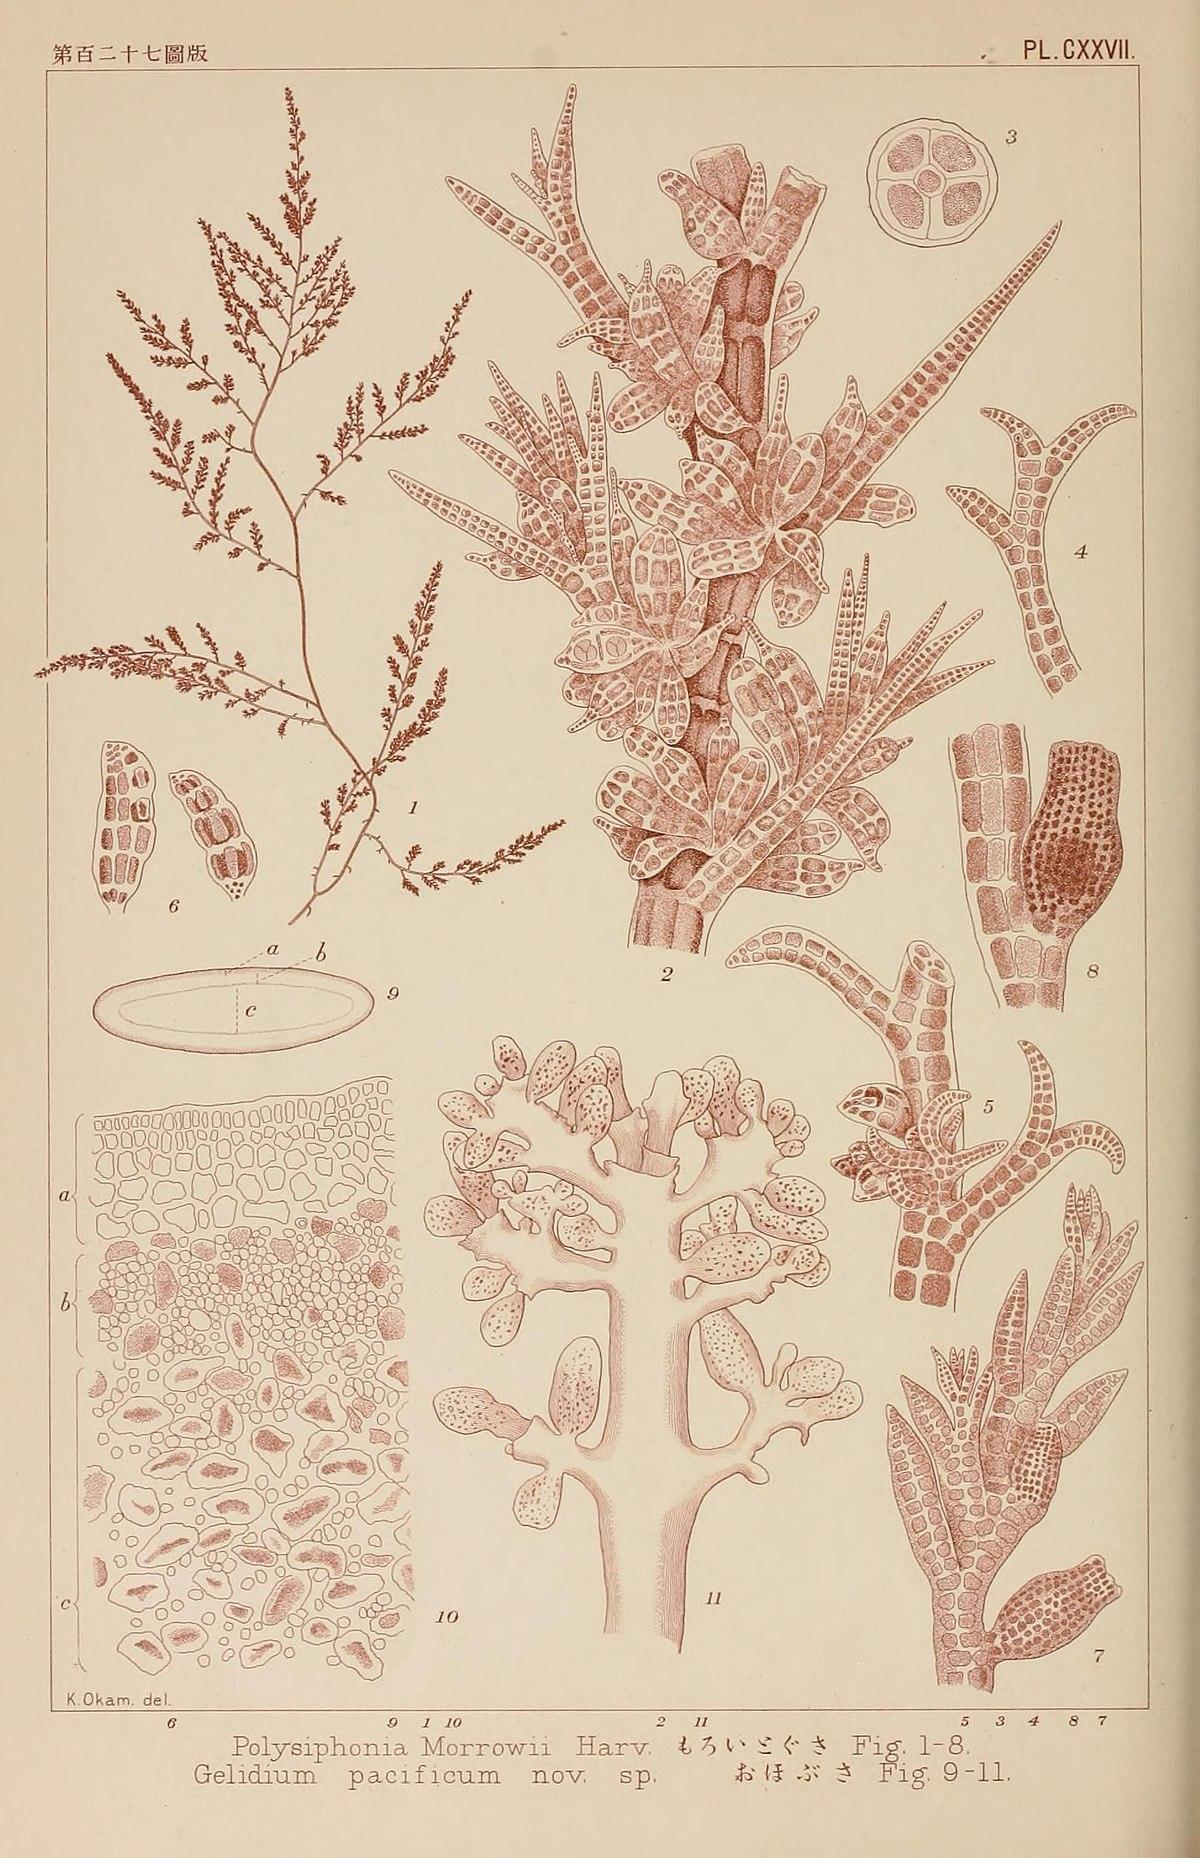 Polysiphonia